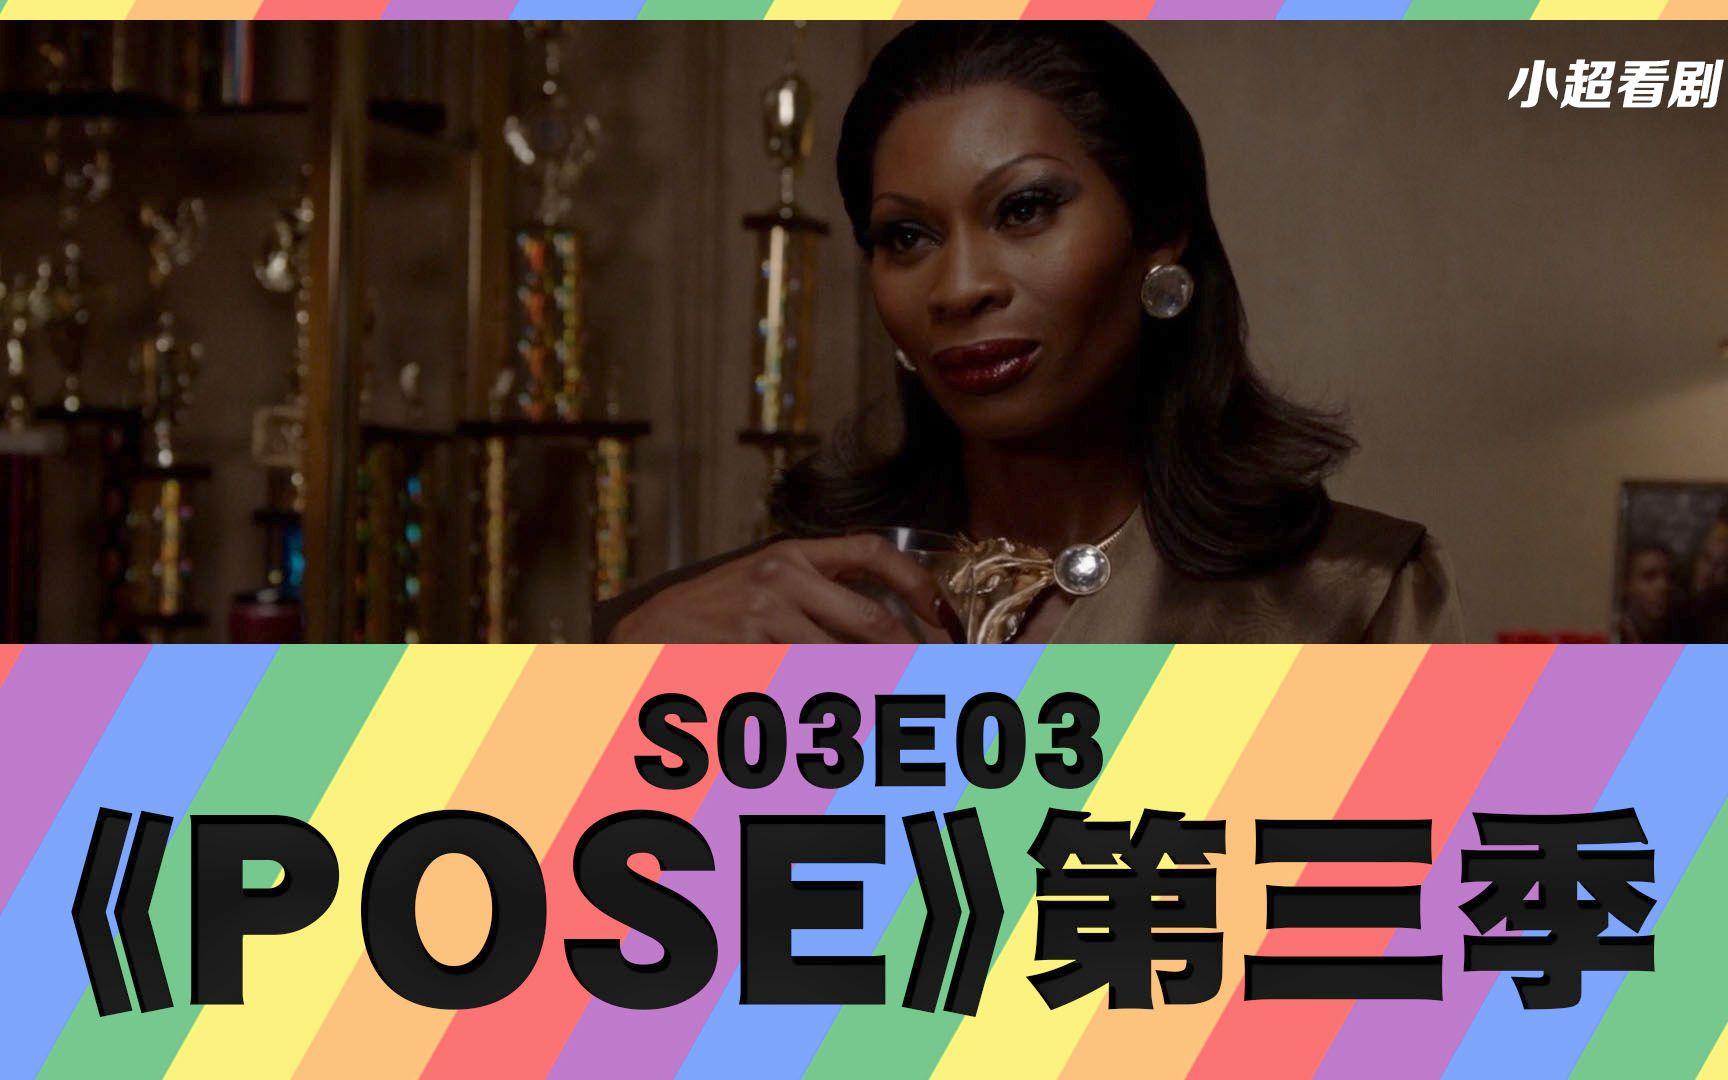 【小超】《POSE》第三季第三集 主角过往的高光时刻 高分LGBT美剧解说 S03E03